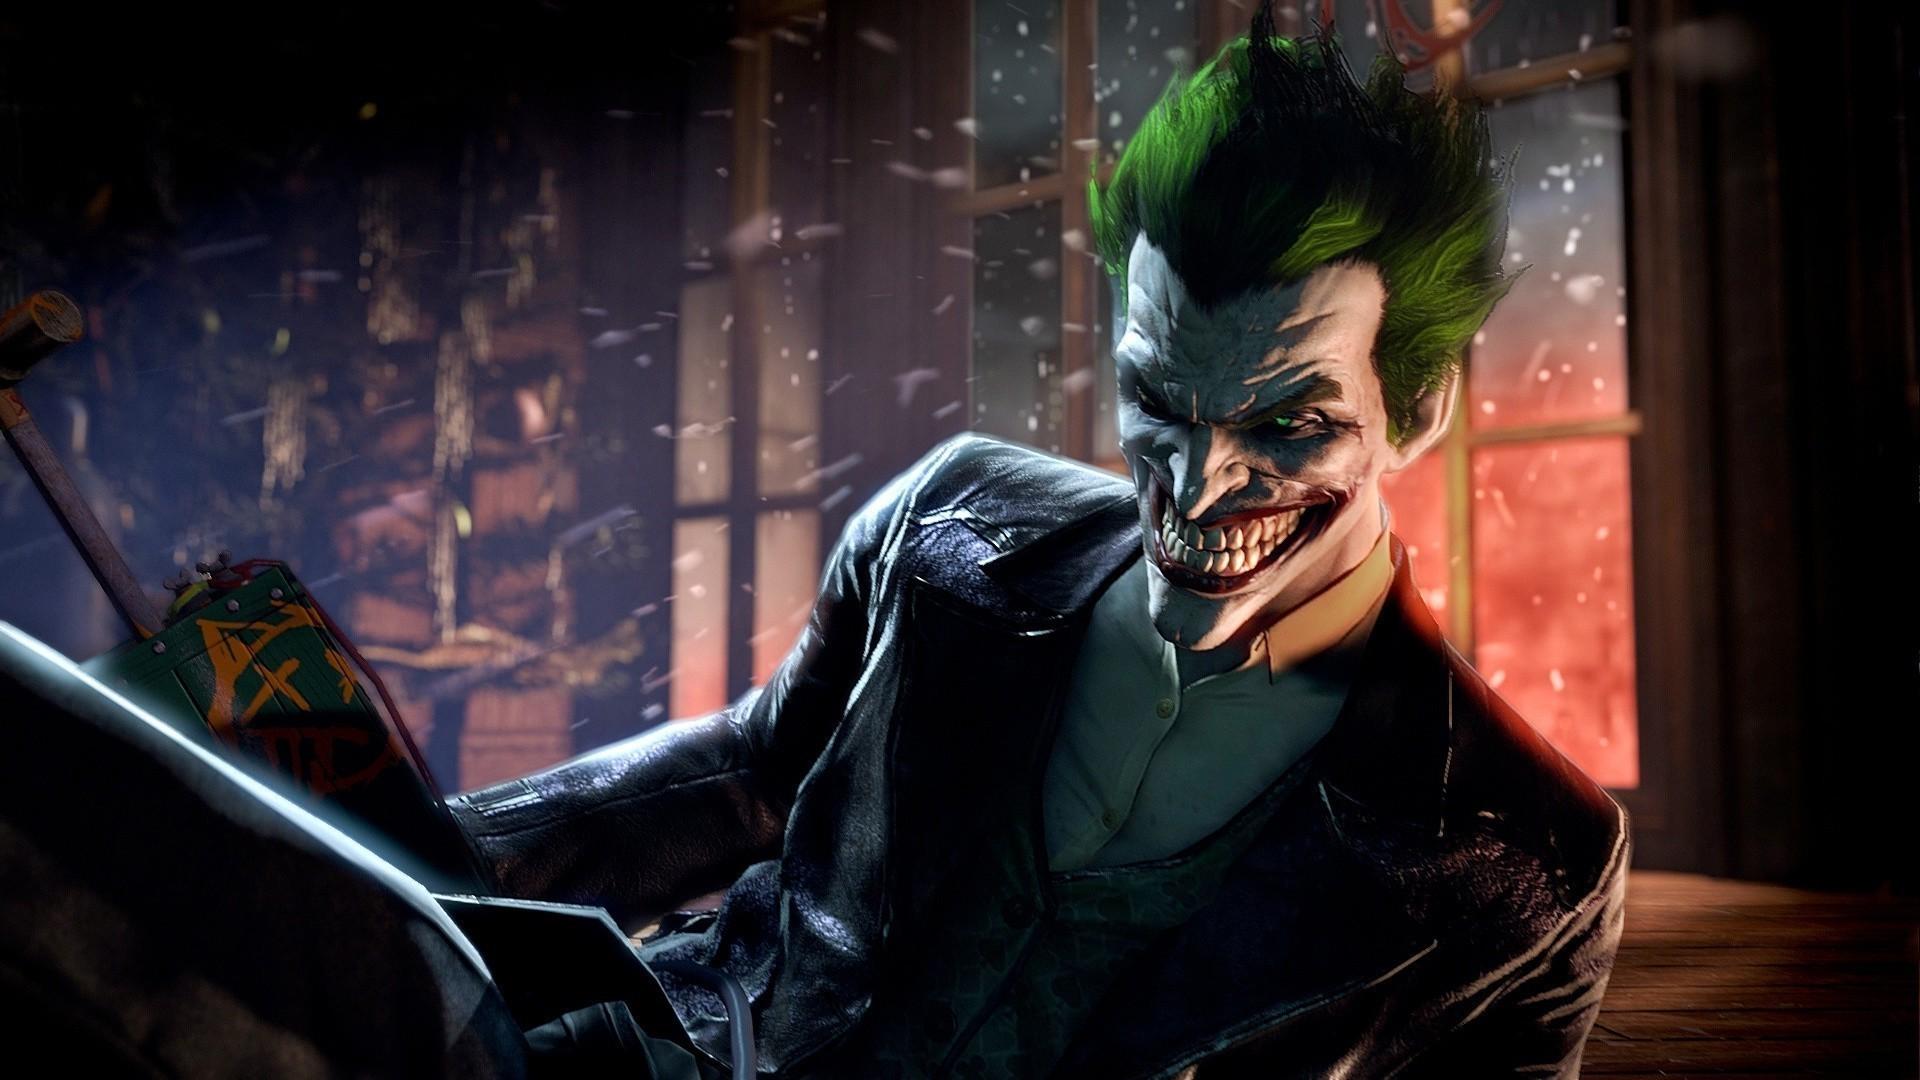 The Joker – Batman – Arkham Origins HD Wallpaper 1920×1080